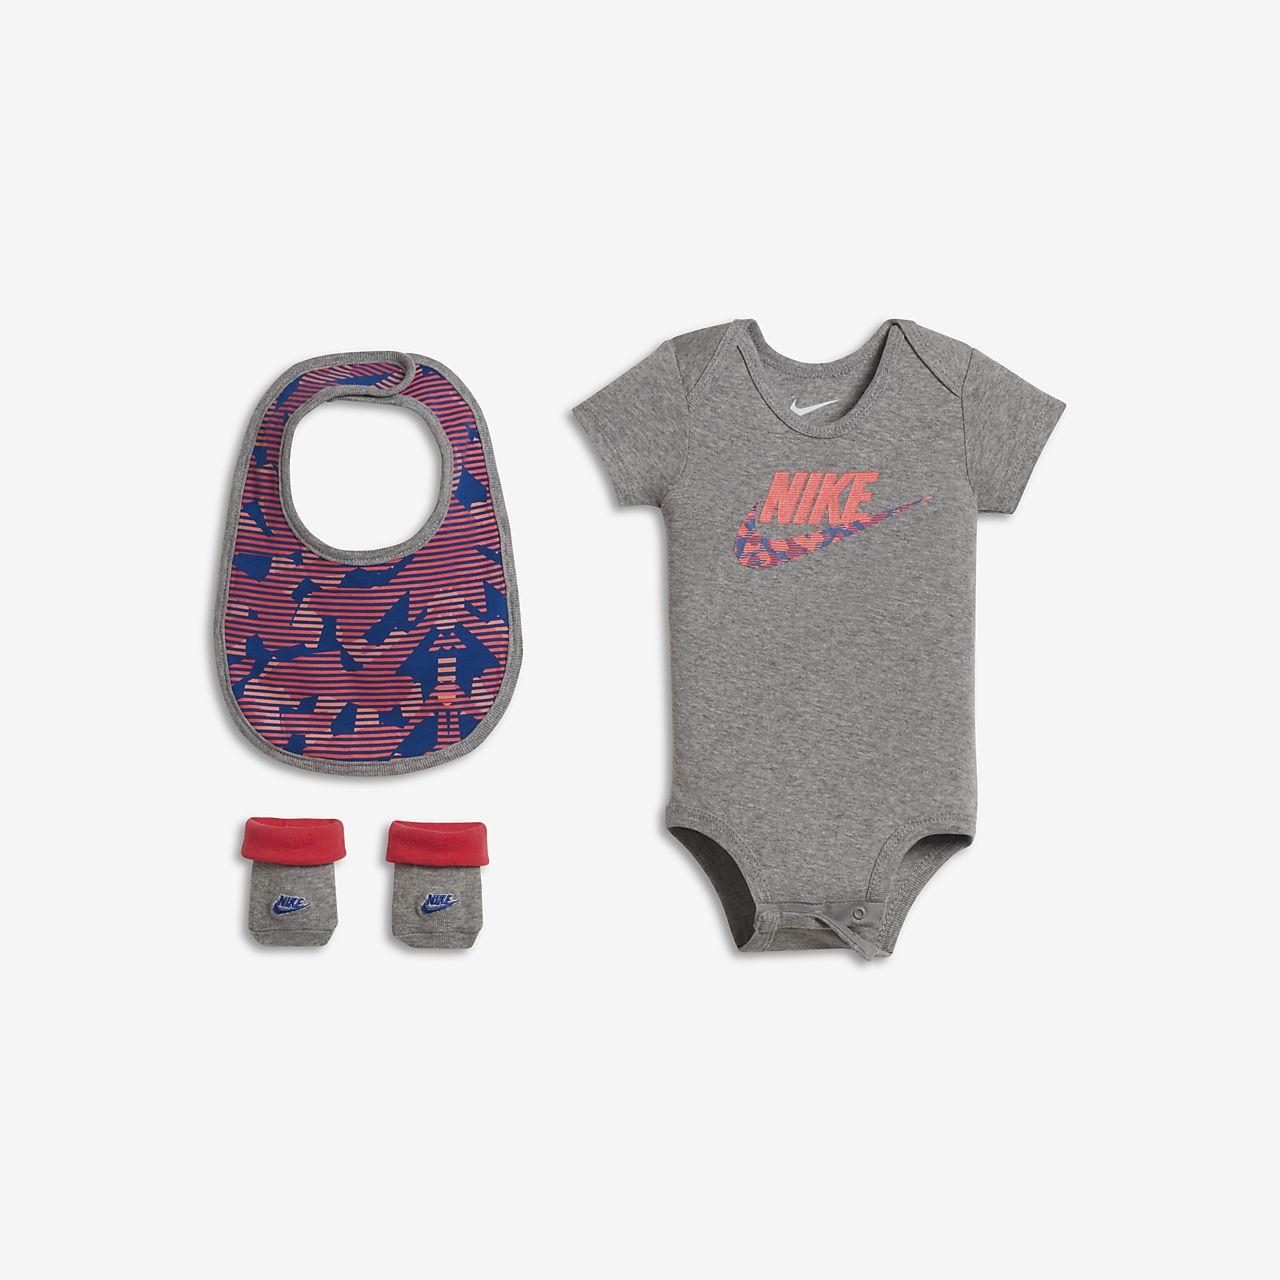 Ensemble Pour Bébé Petit Three Futura Et Enfant Nike Piece NwZn0OkX8P